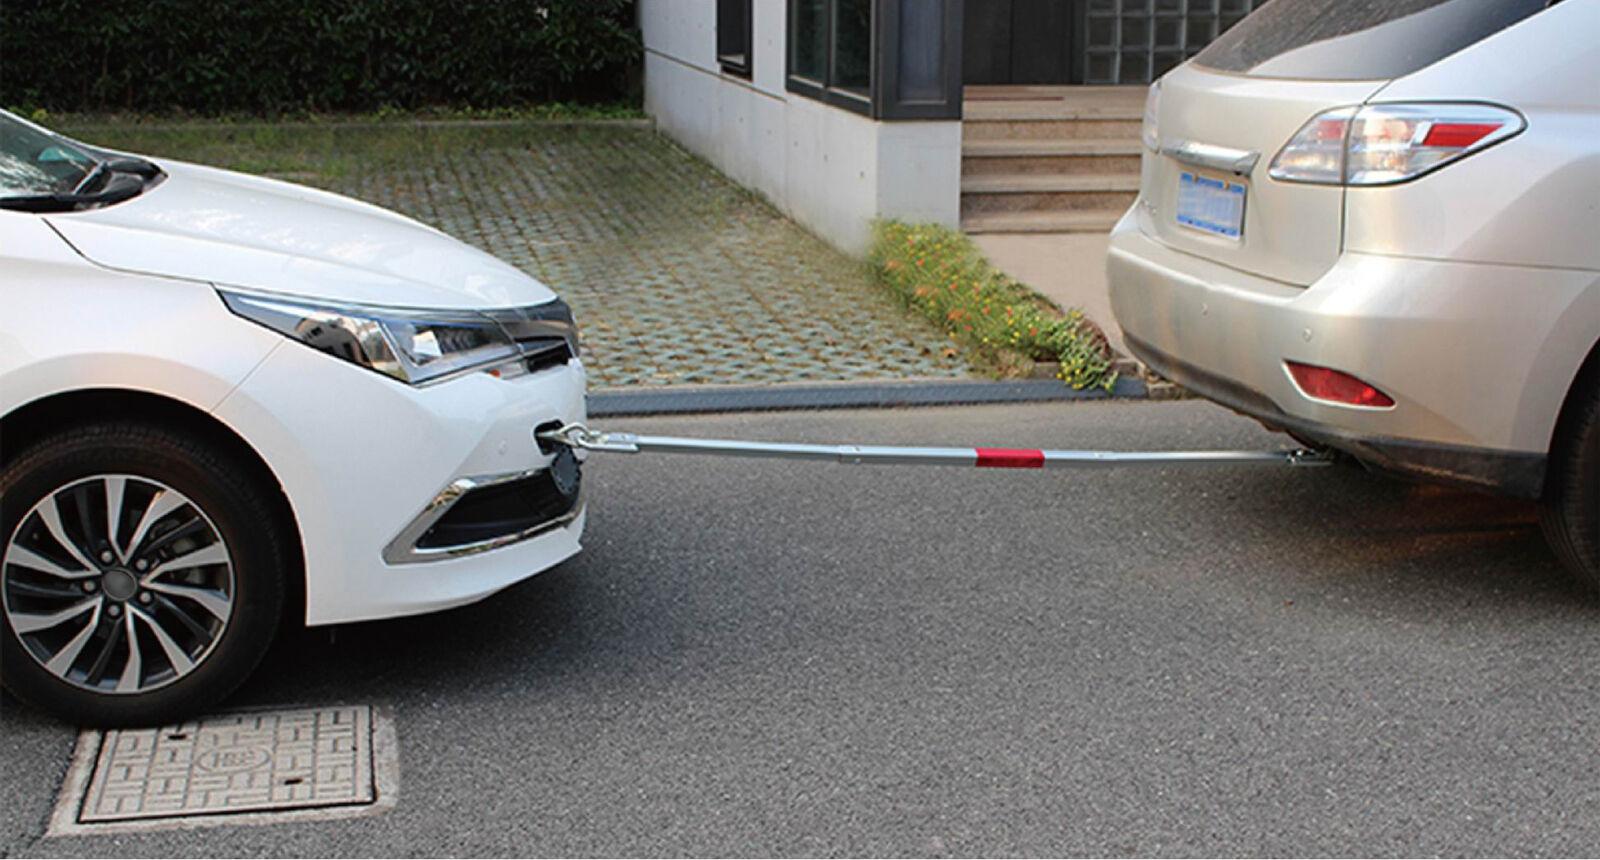 Tech Craft KFZ Abschleppstange 2t PKW 2000kg Pannenhilfe Warnfahne Zugstange